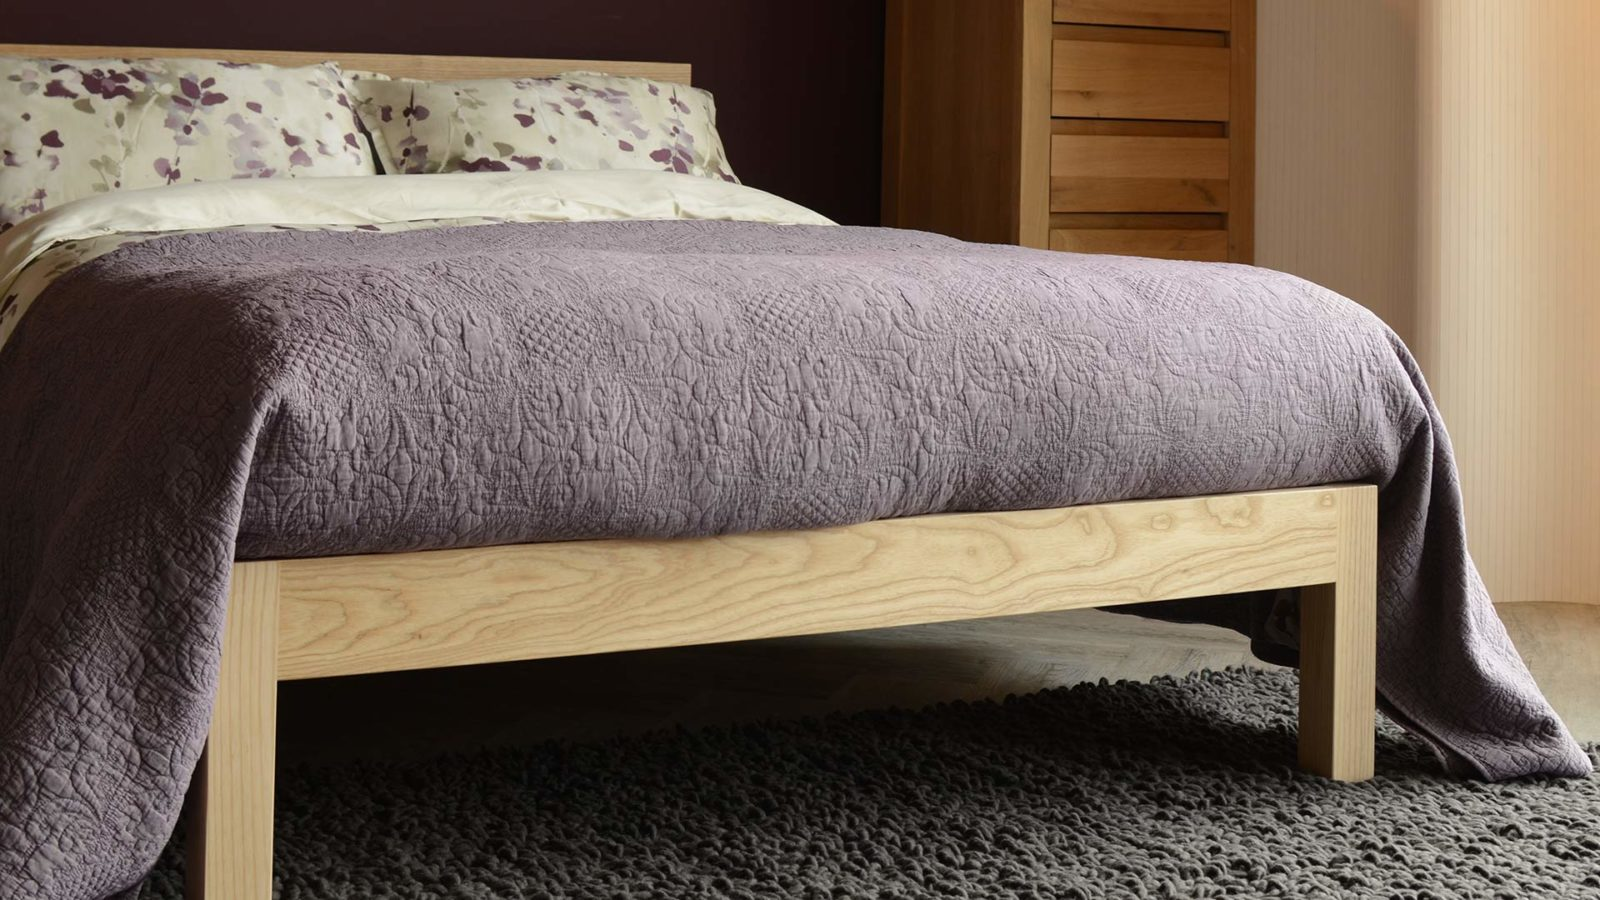 mauve-bedspread